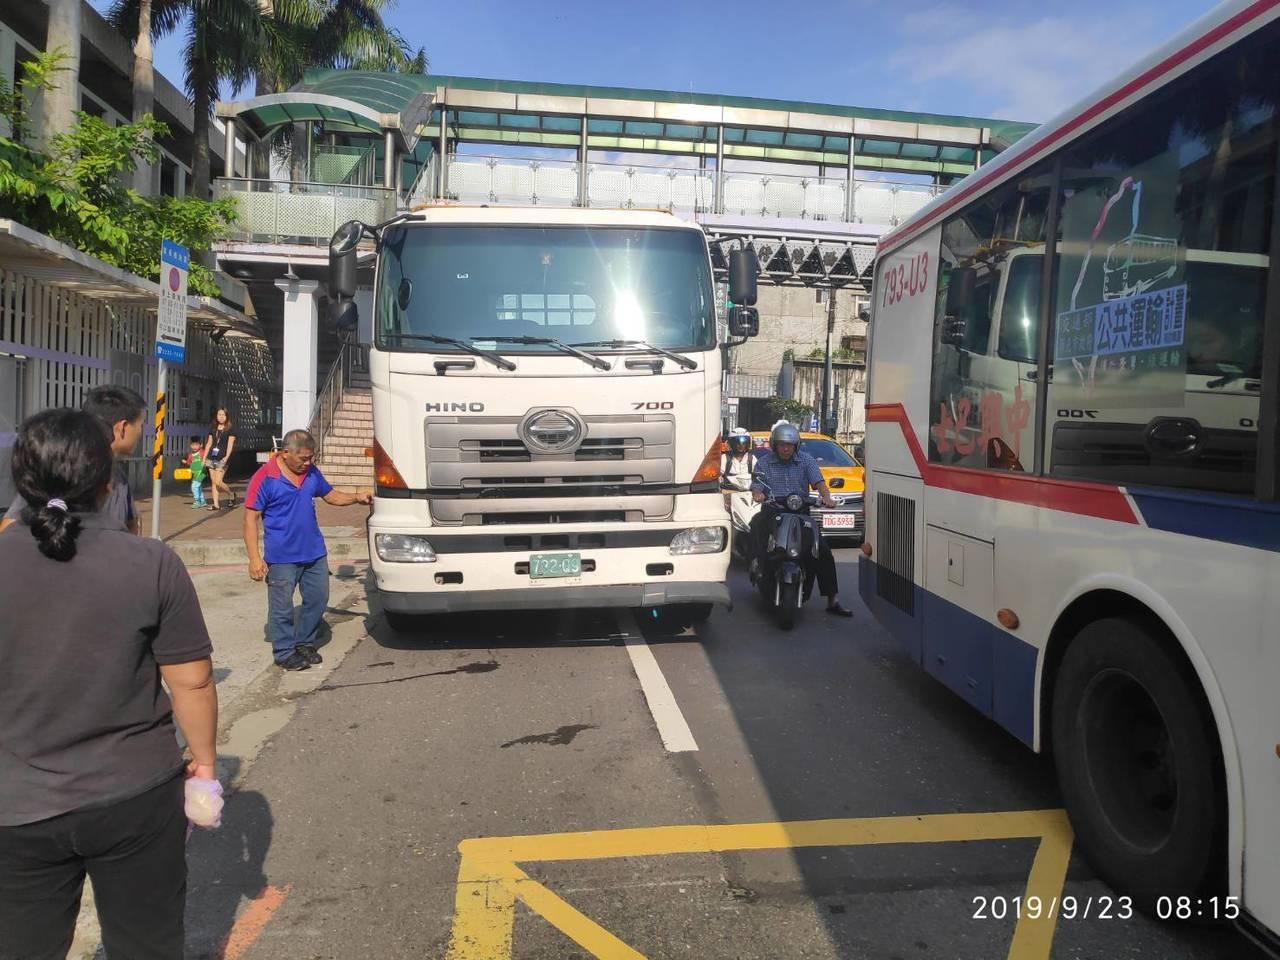 幸好大卡車只是剛起步,機車騎士只有腳部擦傷。記者林昭彰/翻攝